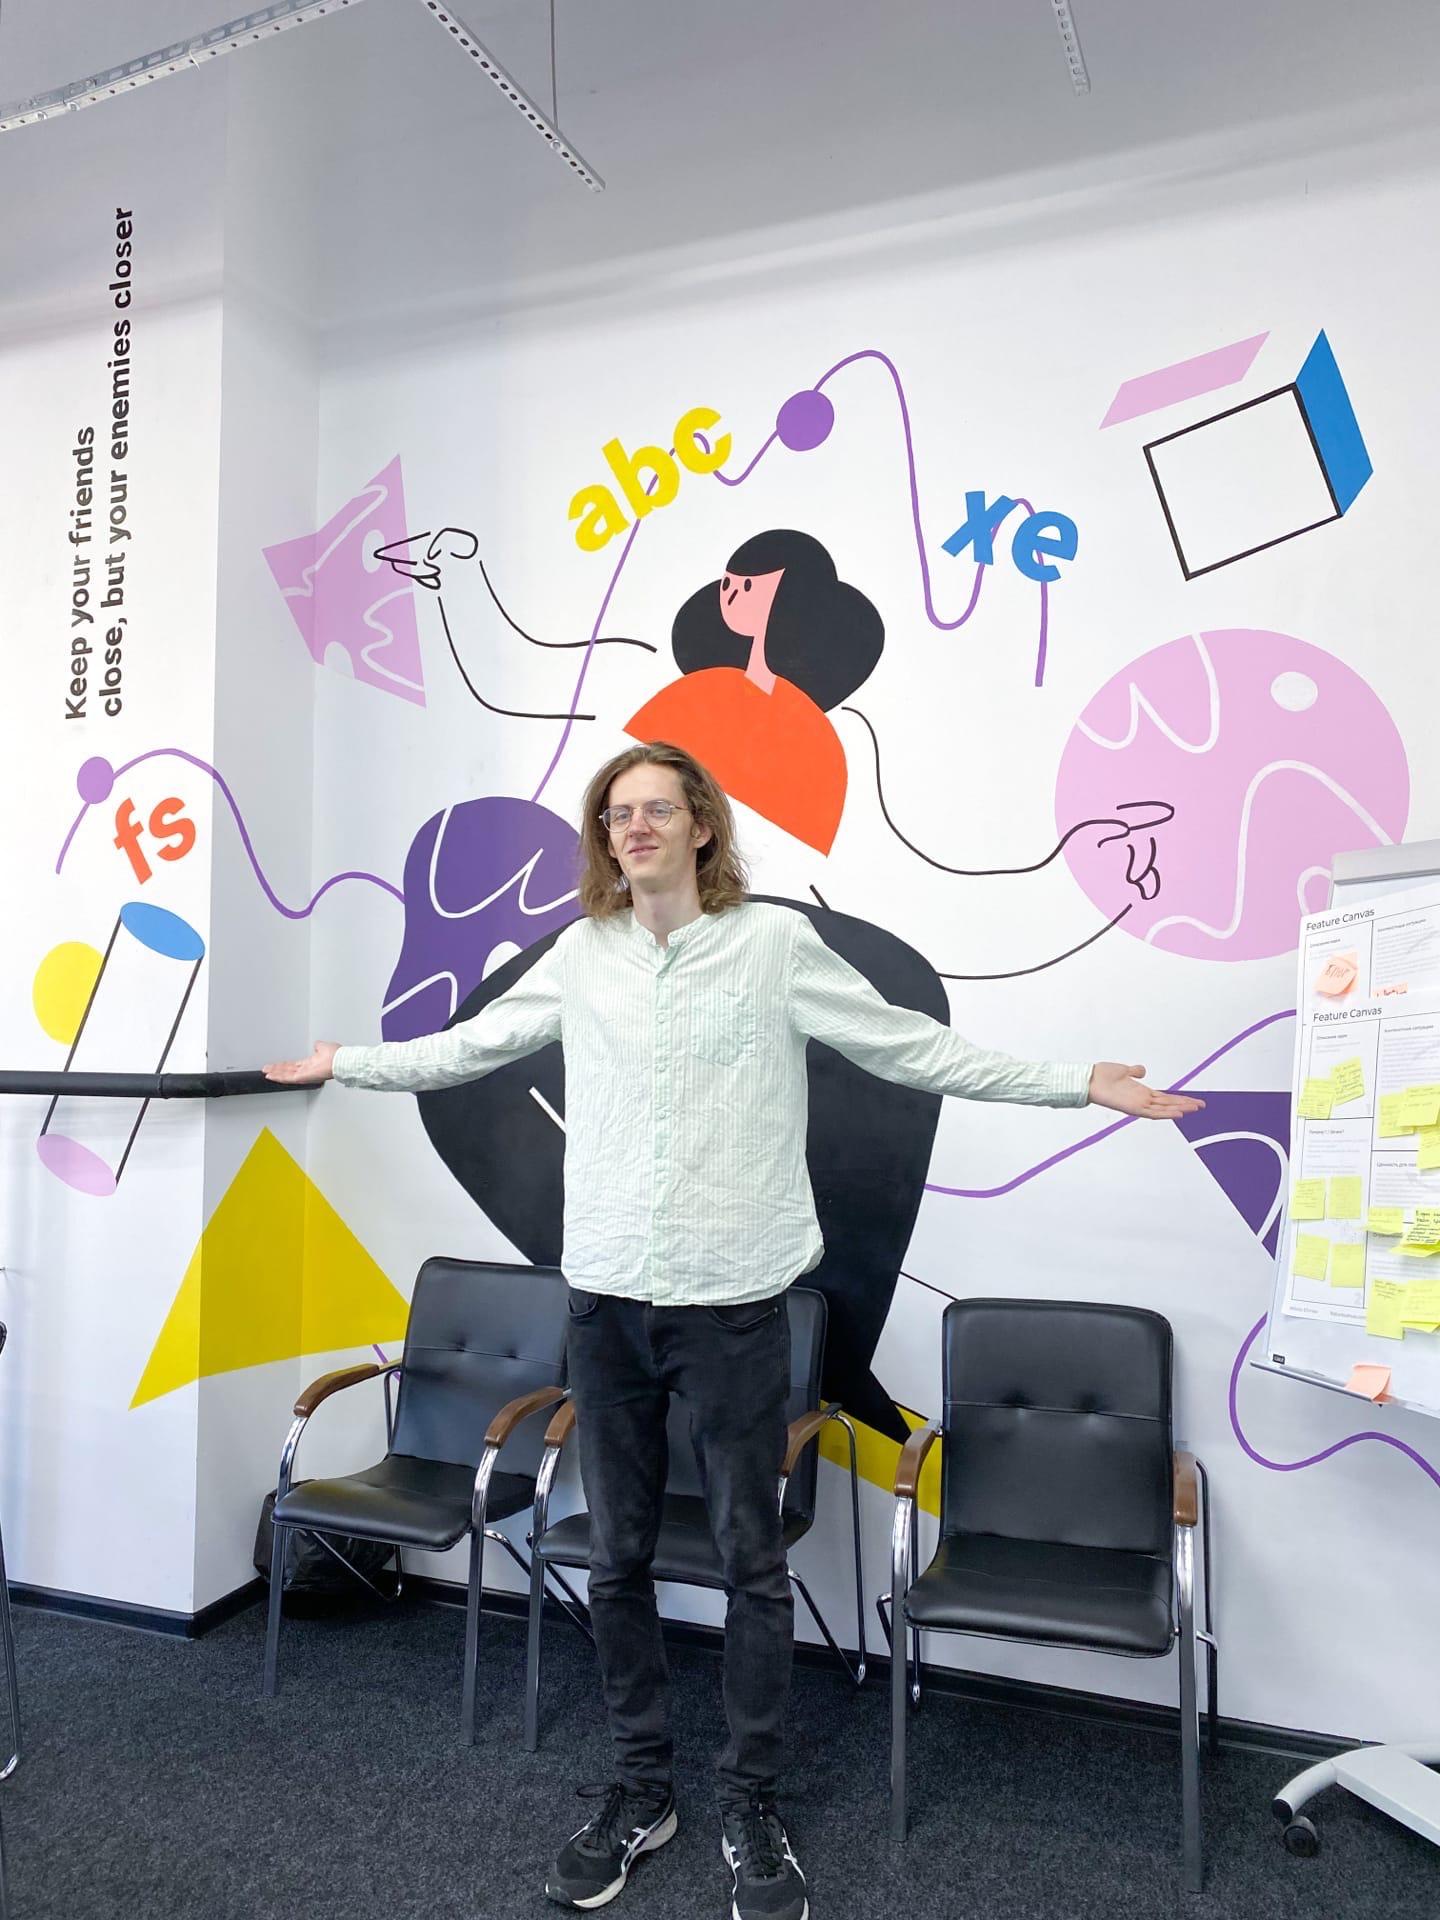 рисунок на стенке офиса айти компании